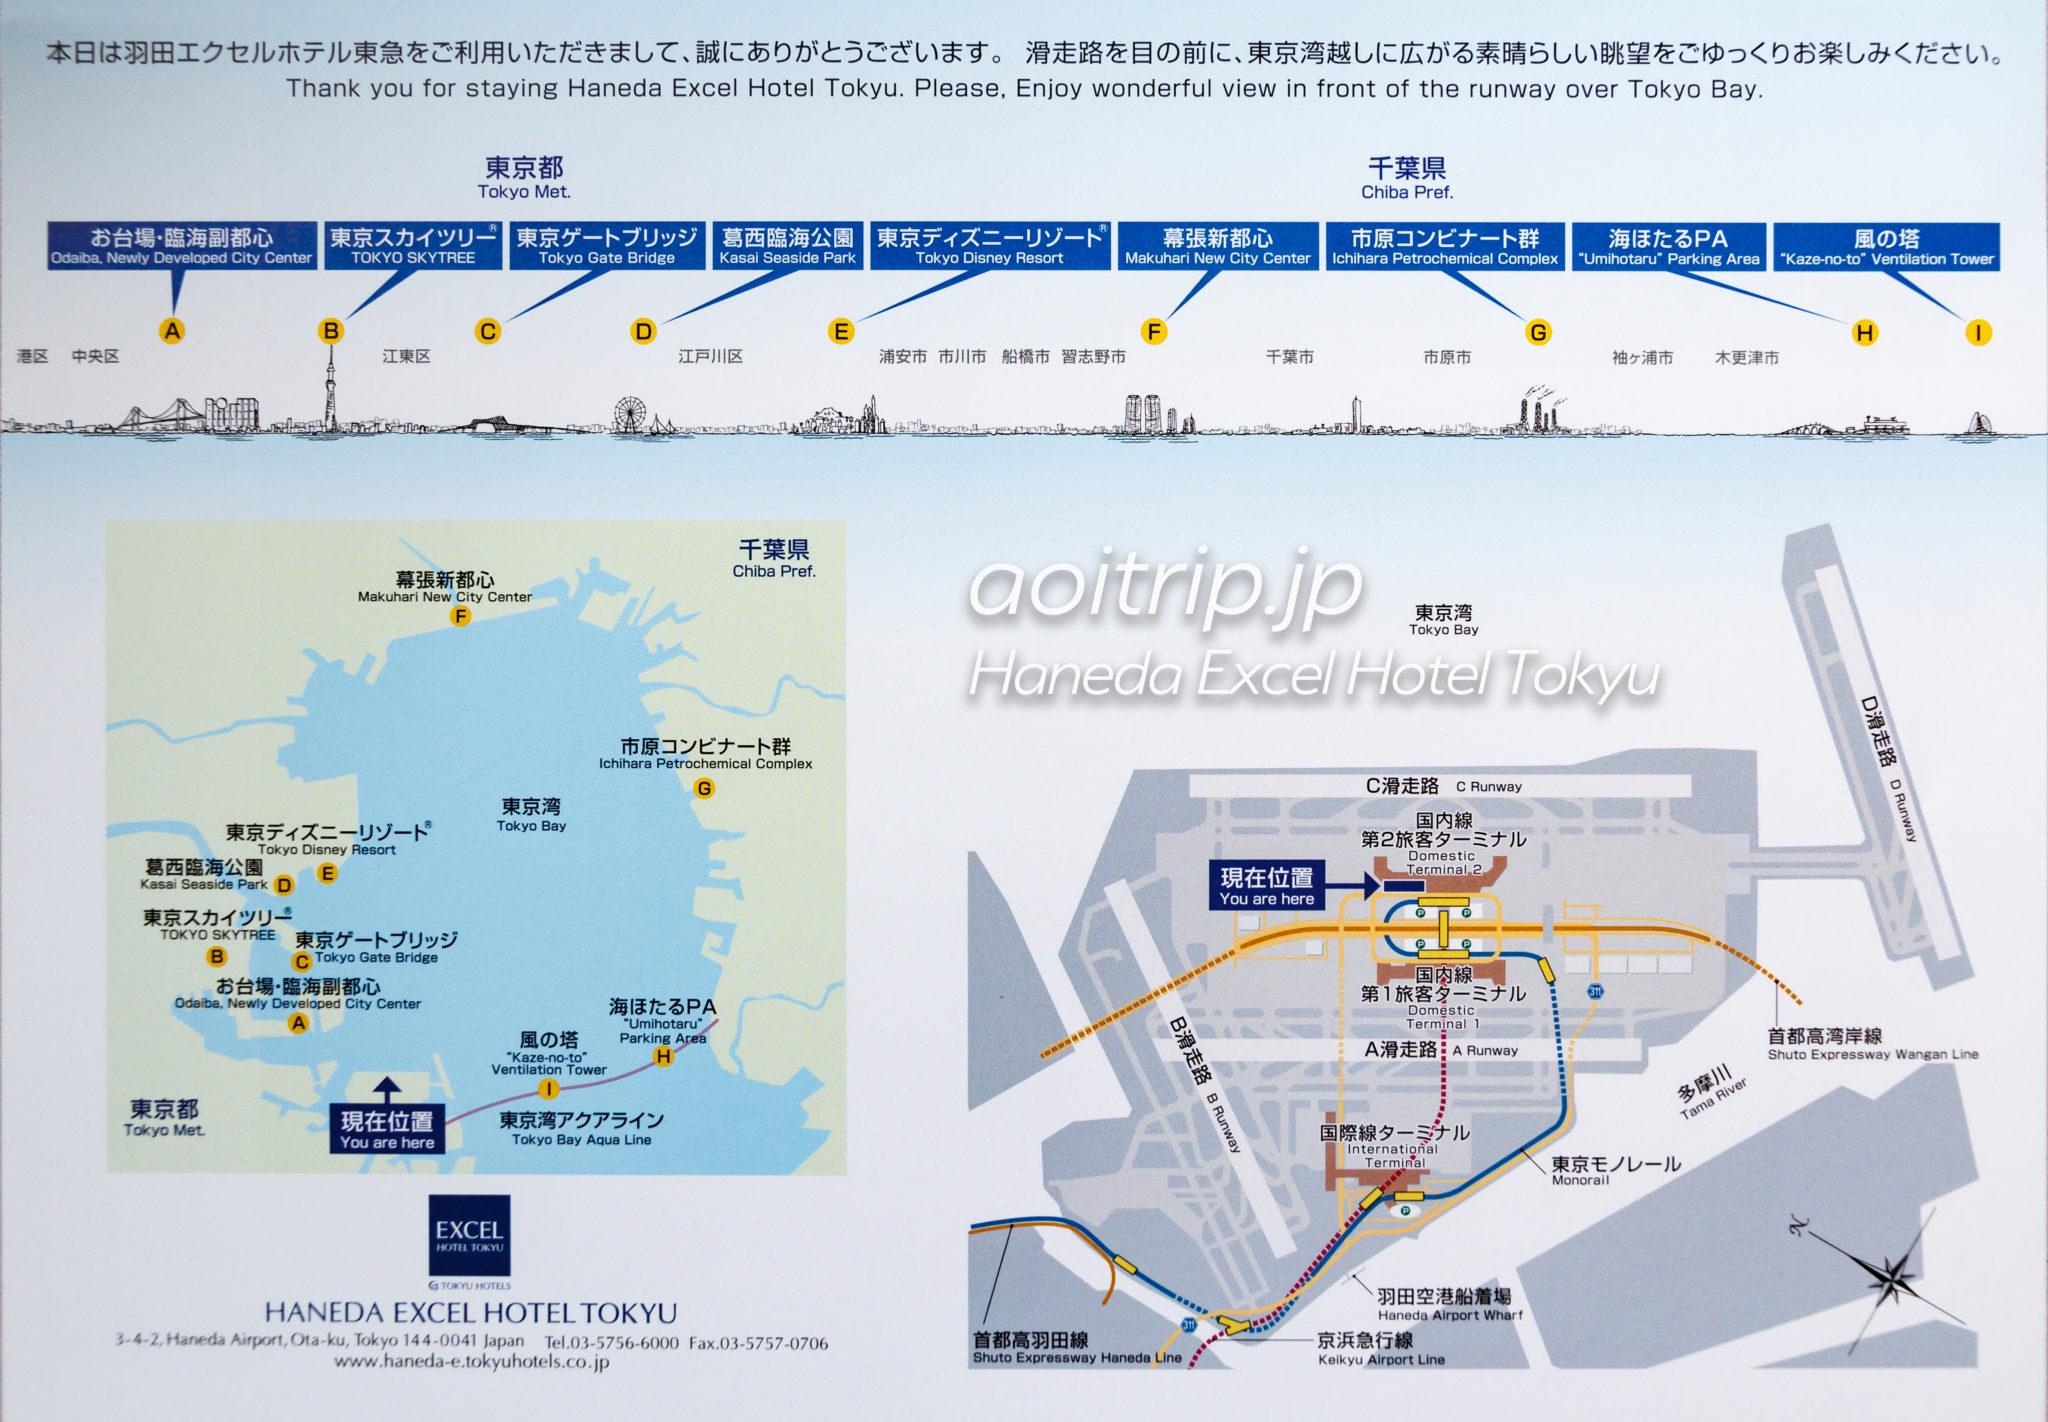 羽田エクセルホテル東急 飛行機・滑走路ビューの眺望  マップ